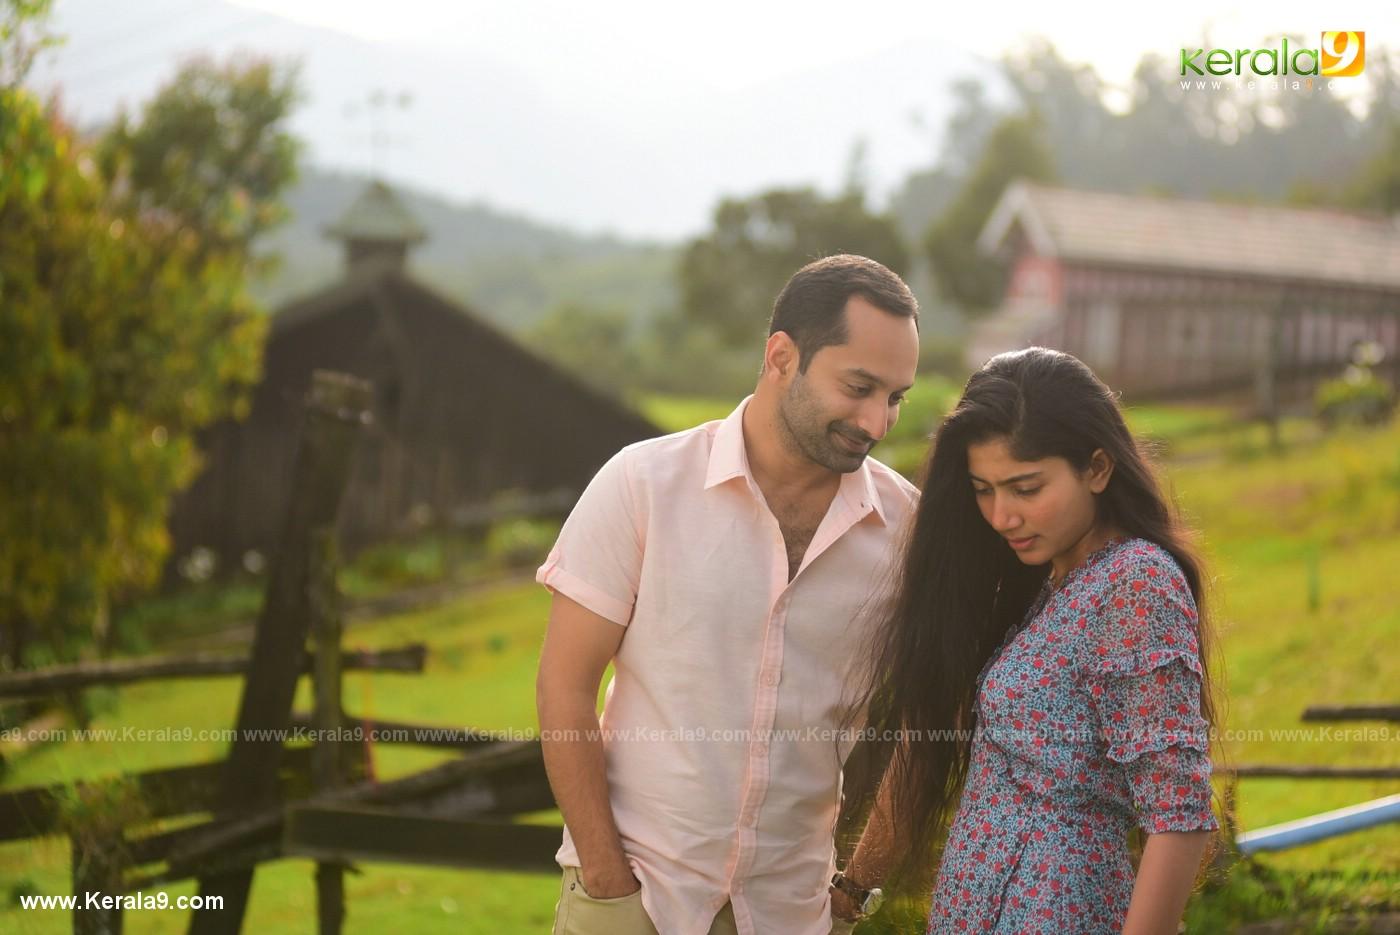 athiran malayalam movie photos 14 - Kerala9.com